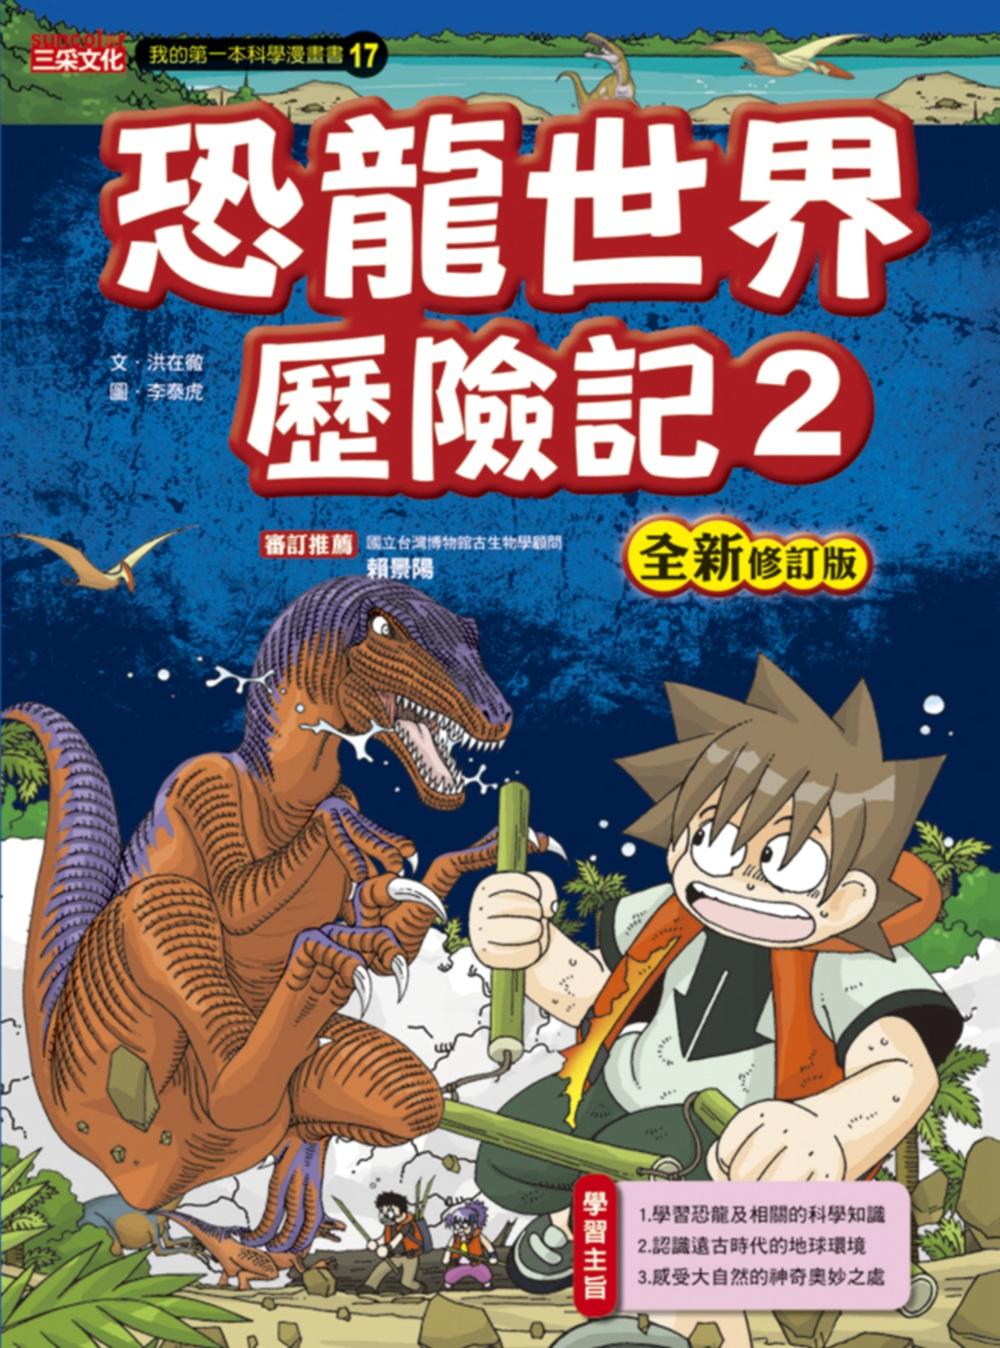 恐龍世界歷險記2【全新修訂版】